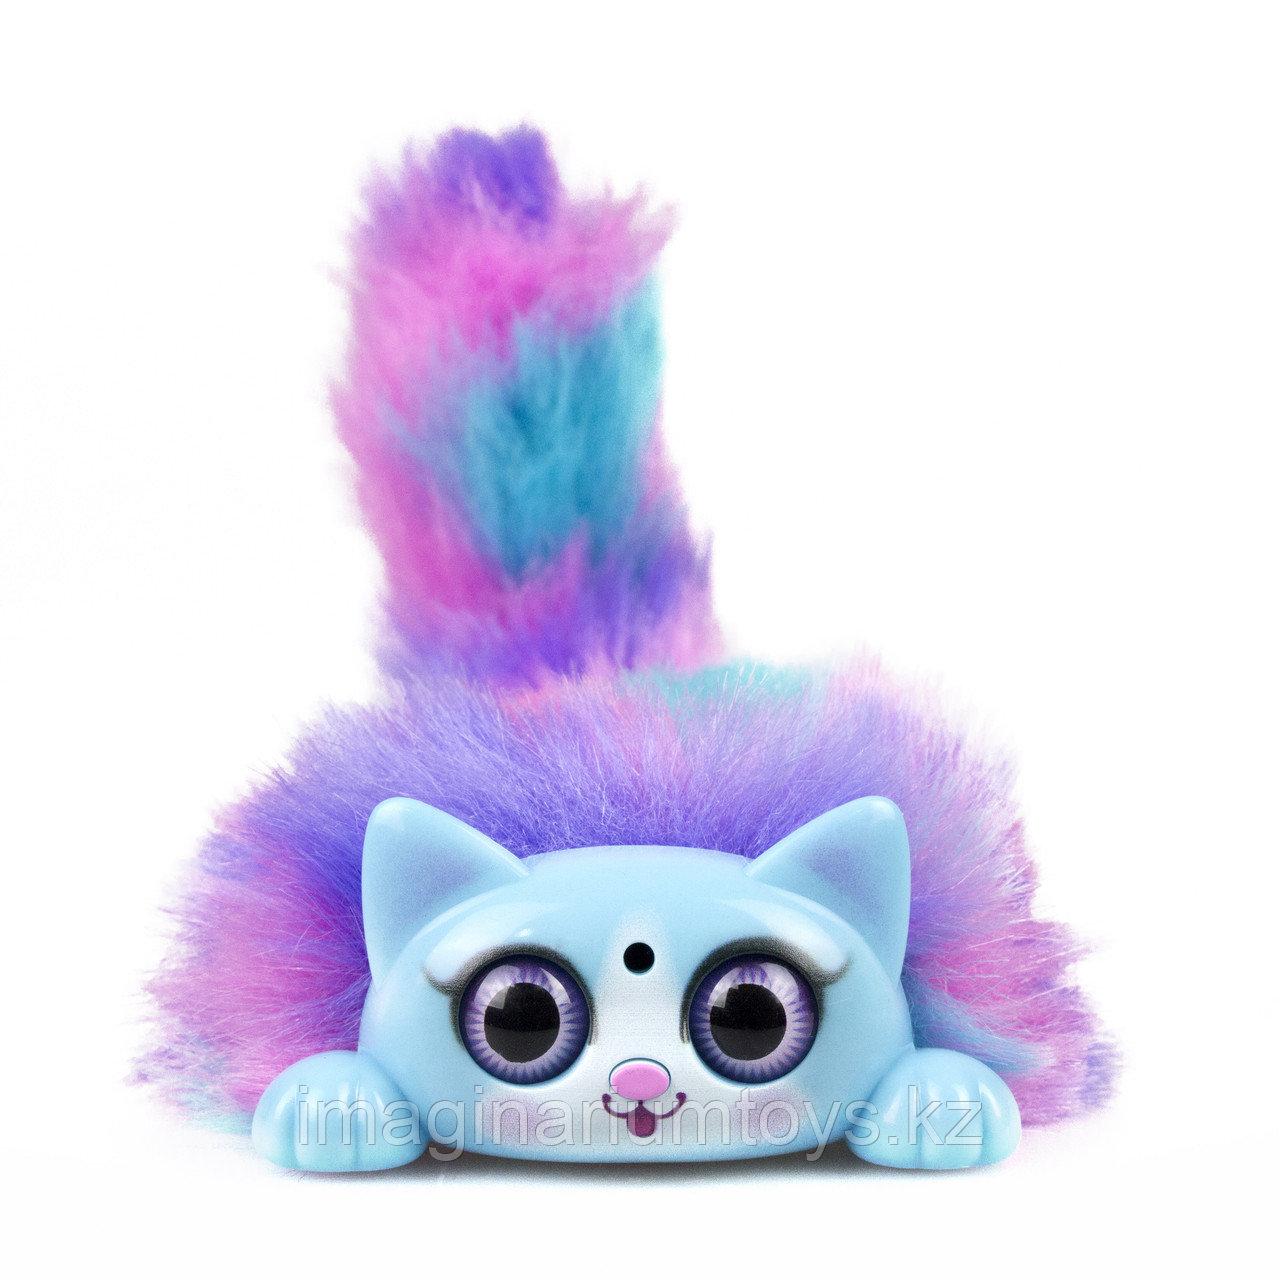 Интерактивная игрушка котенок Fluffy Kitty Molly